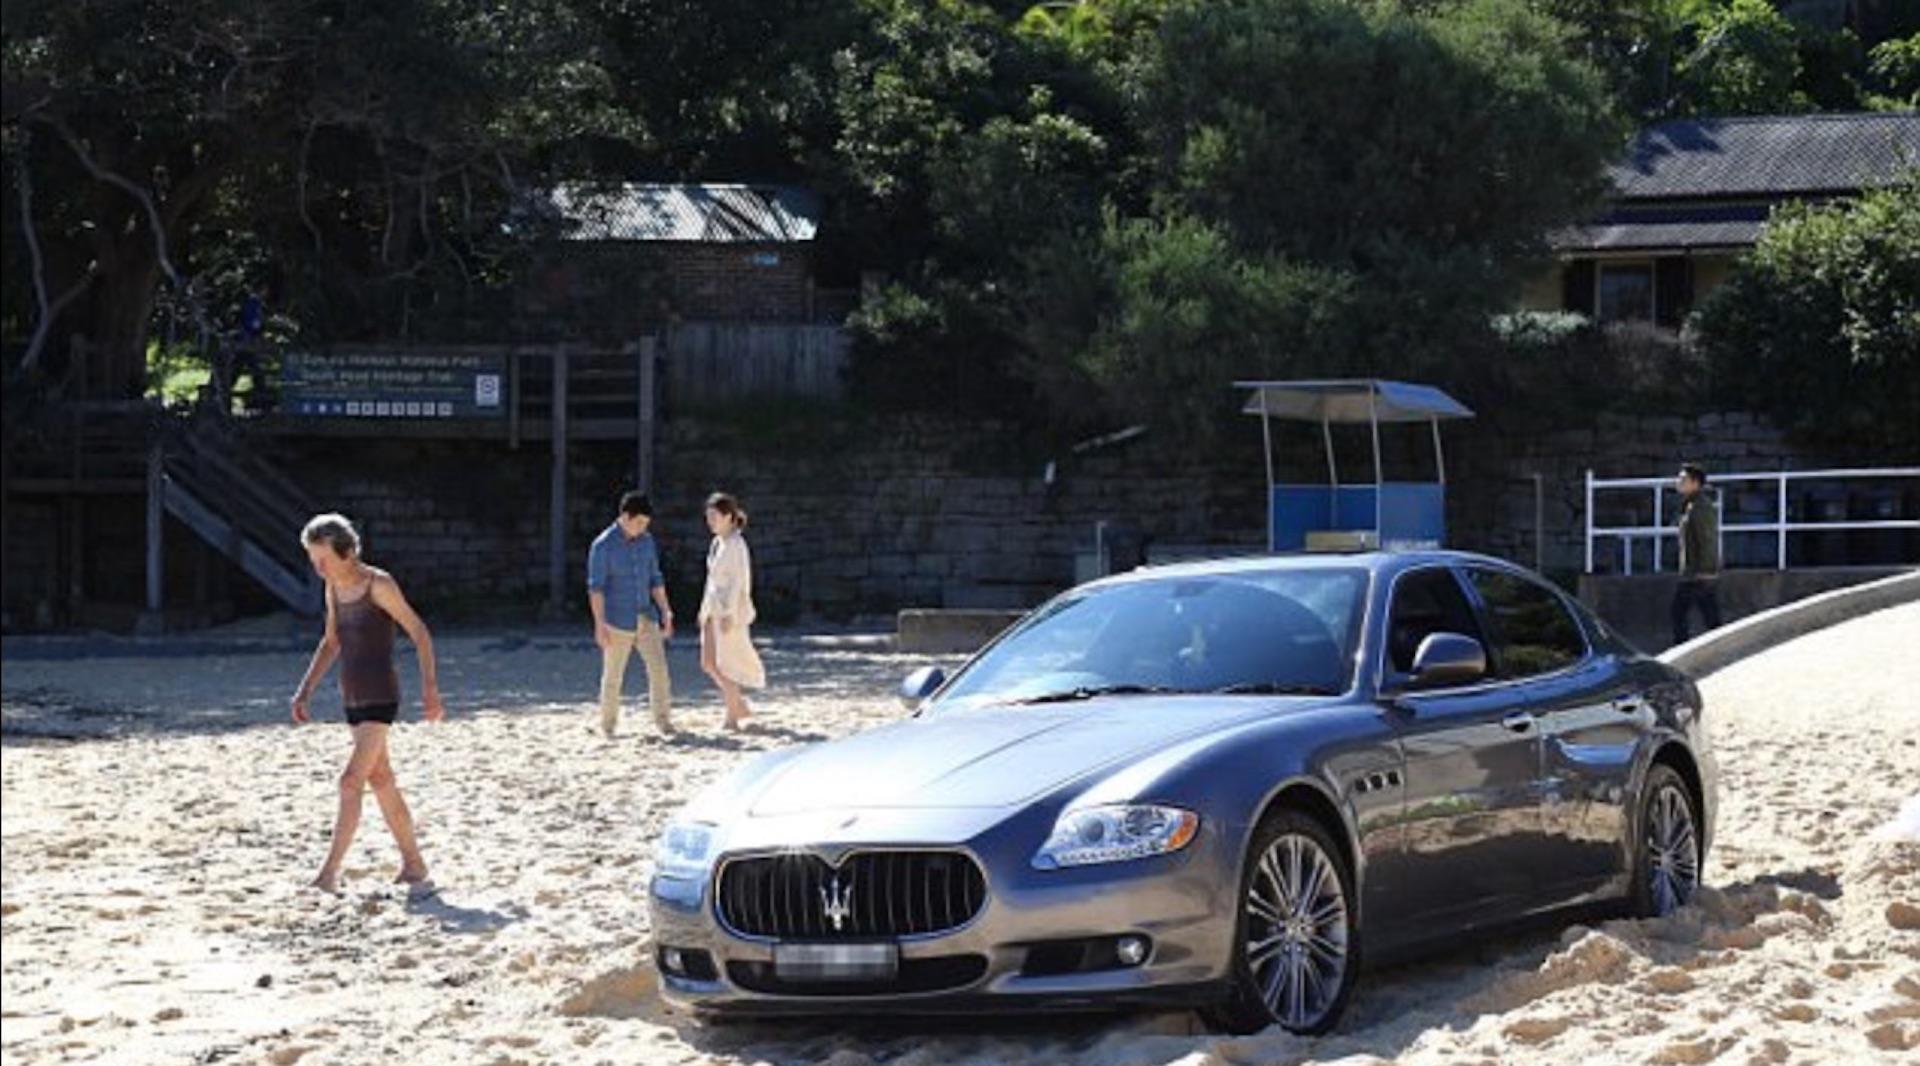 Man beaches his Maserati